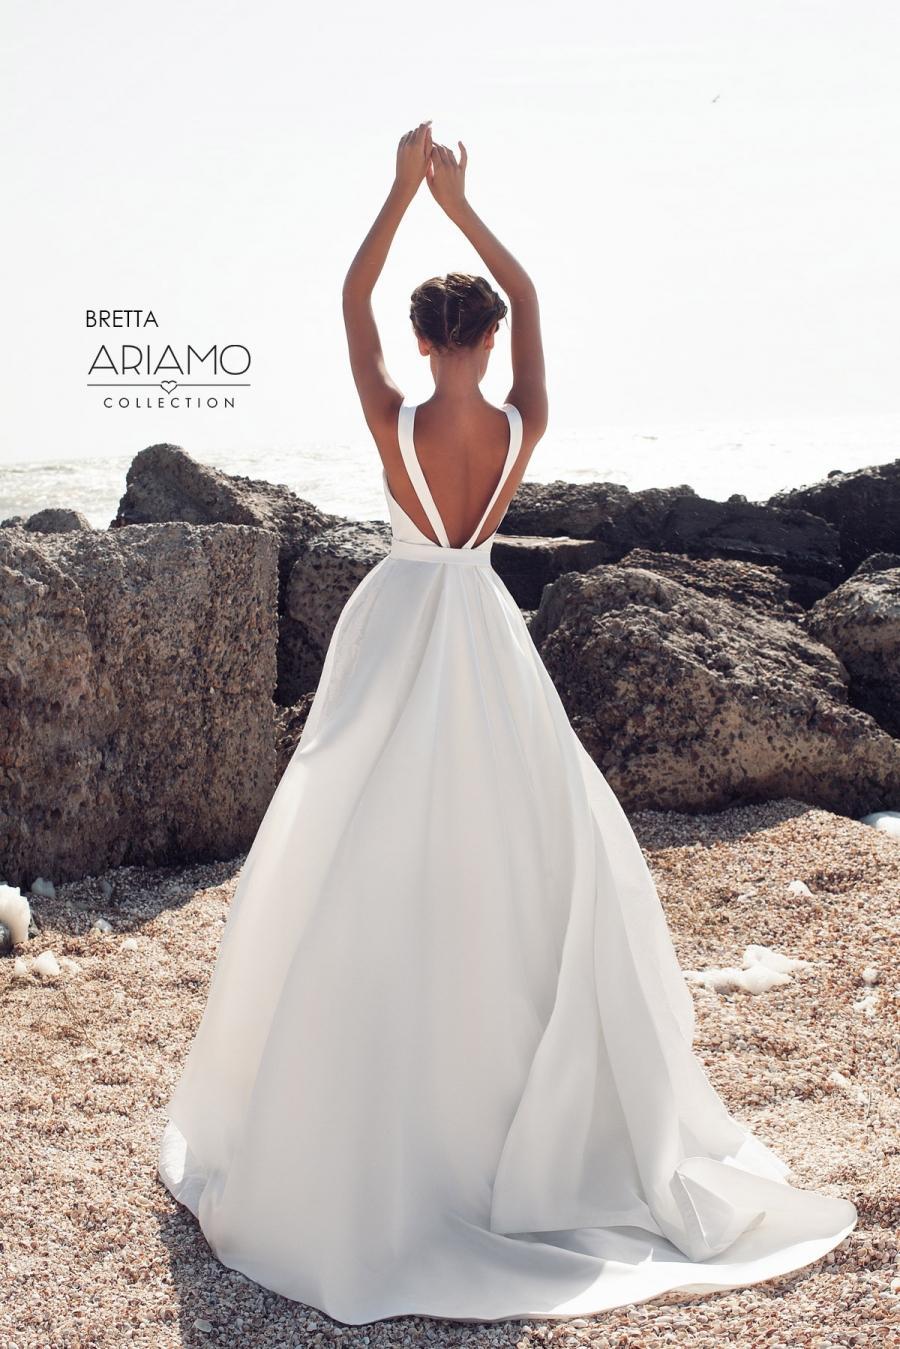 Svadobné šaty Bretta od Ariamo bridal - Obrázok č. 2